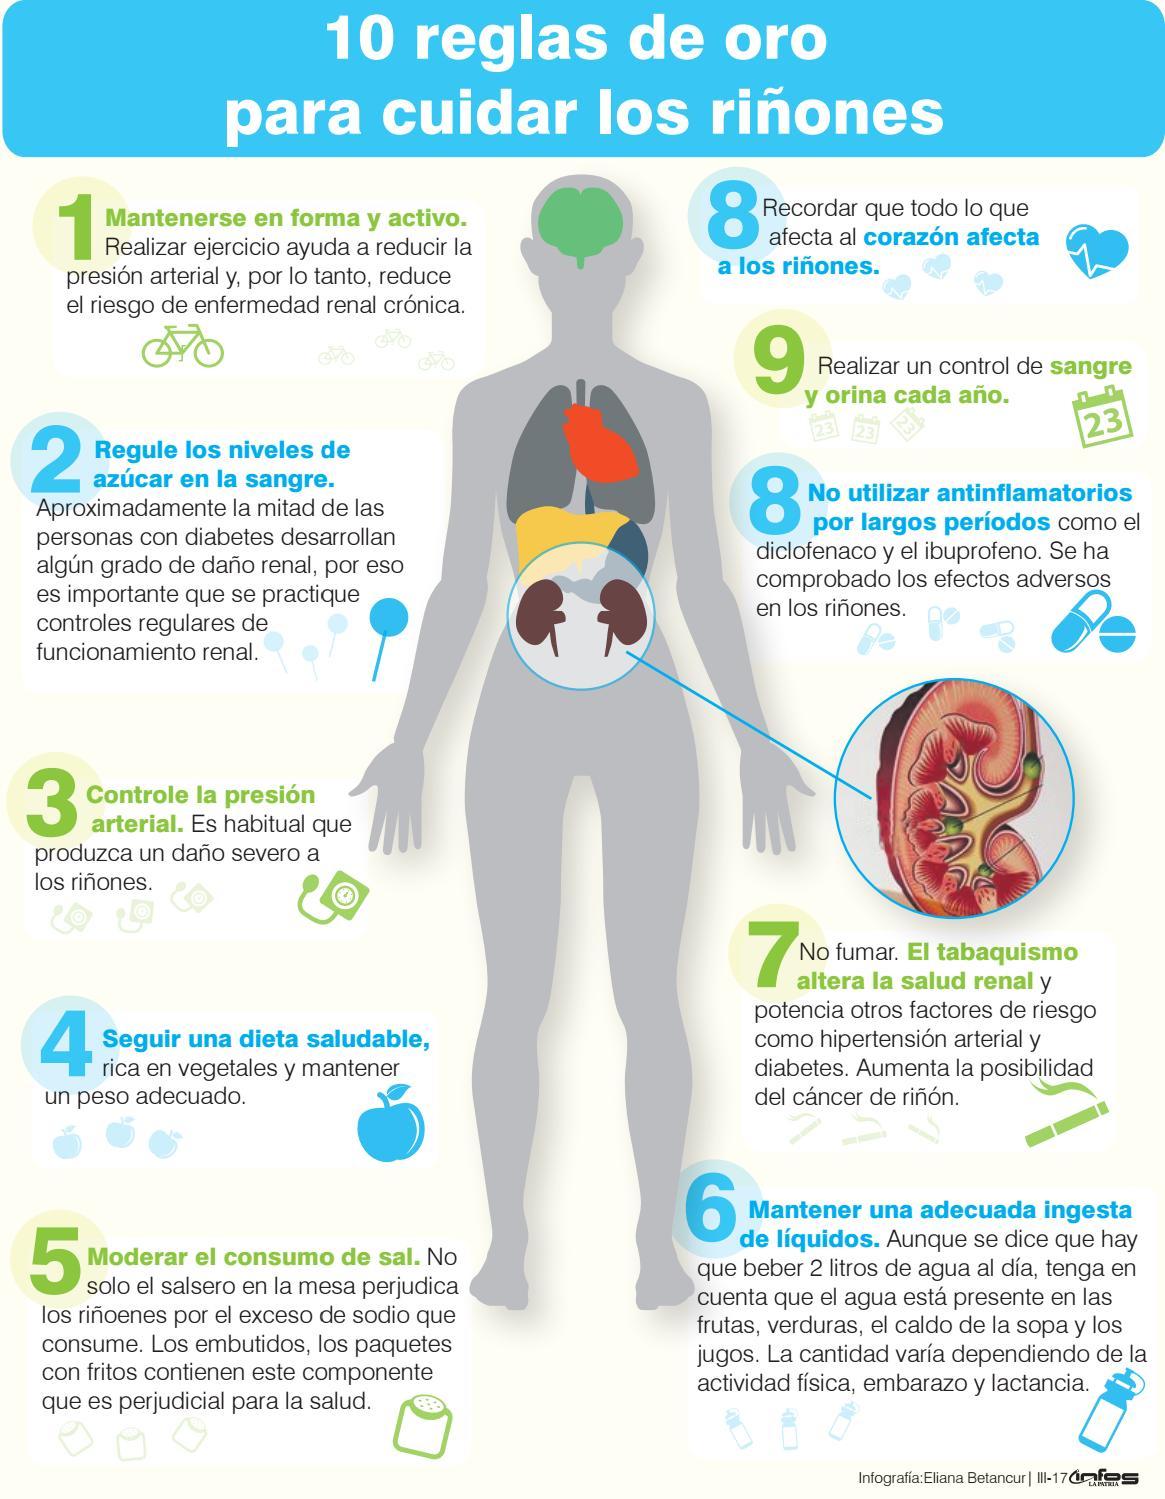 ¿Cómo afecta la enfermedad renal crónica a la presión arterial?